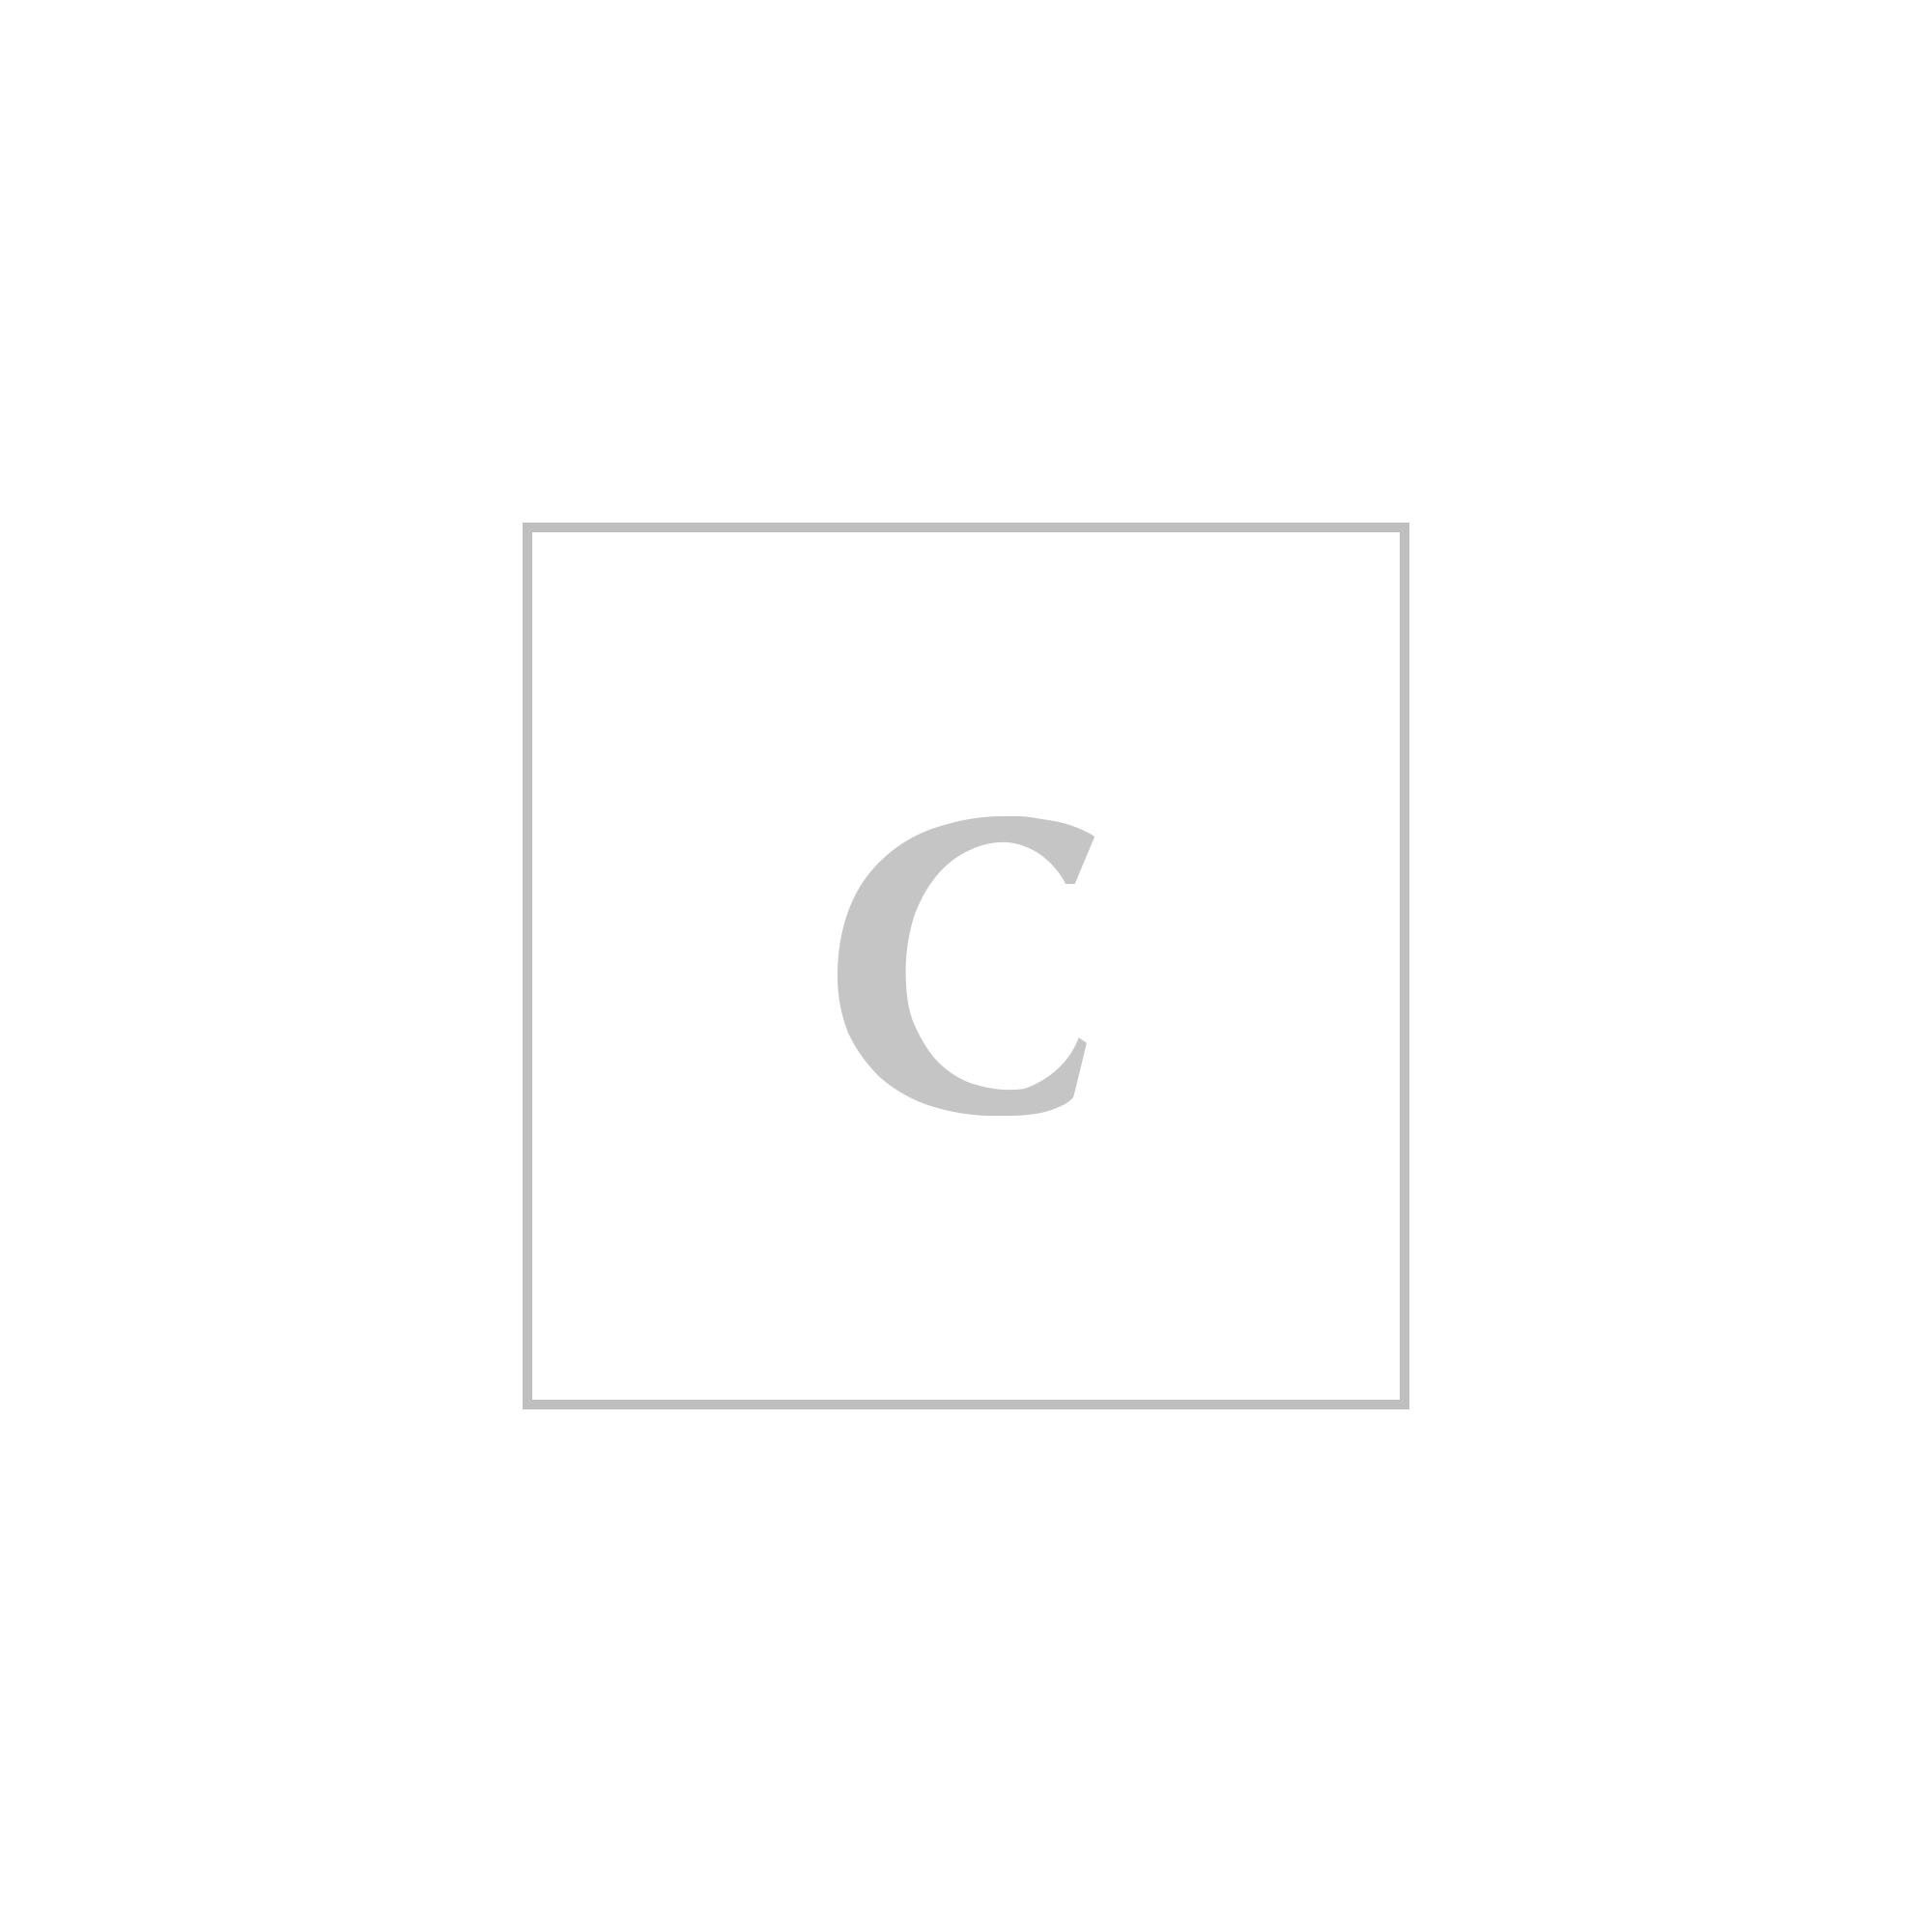 Burberry giacca tibberton